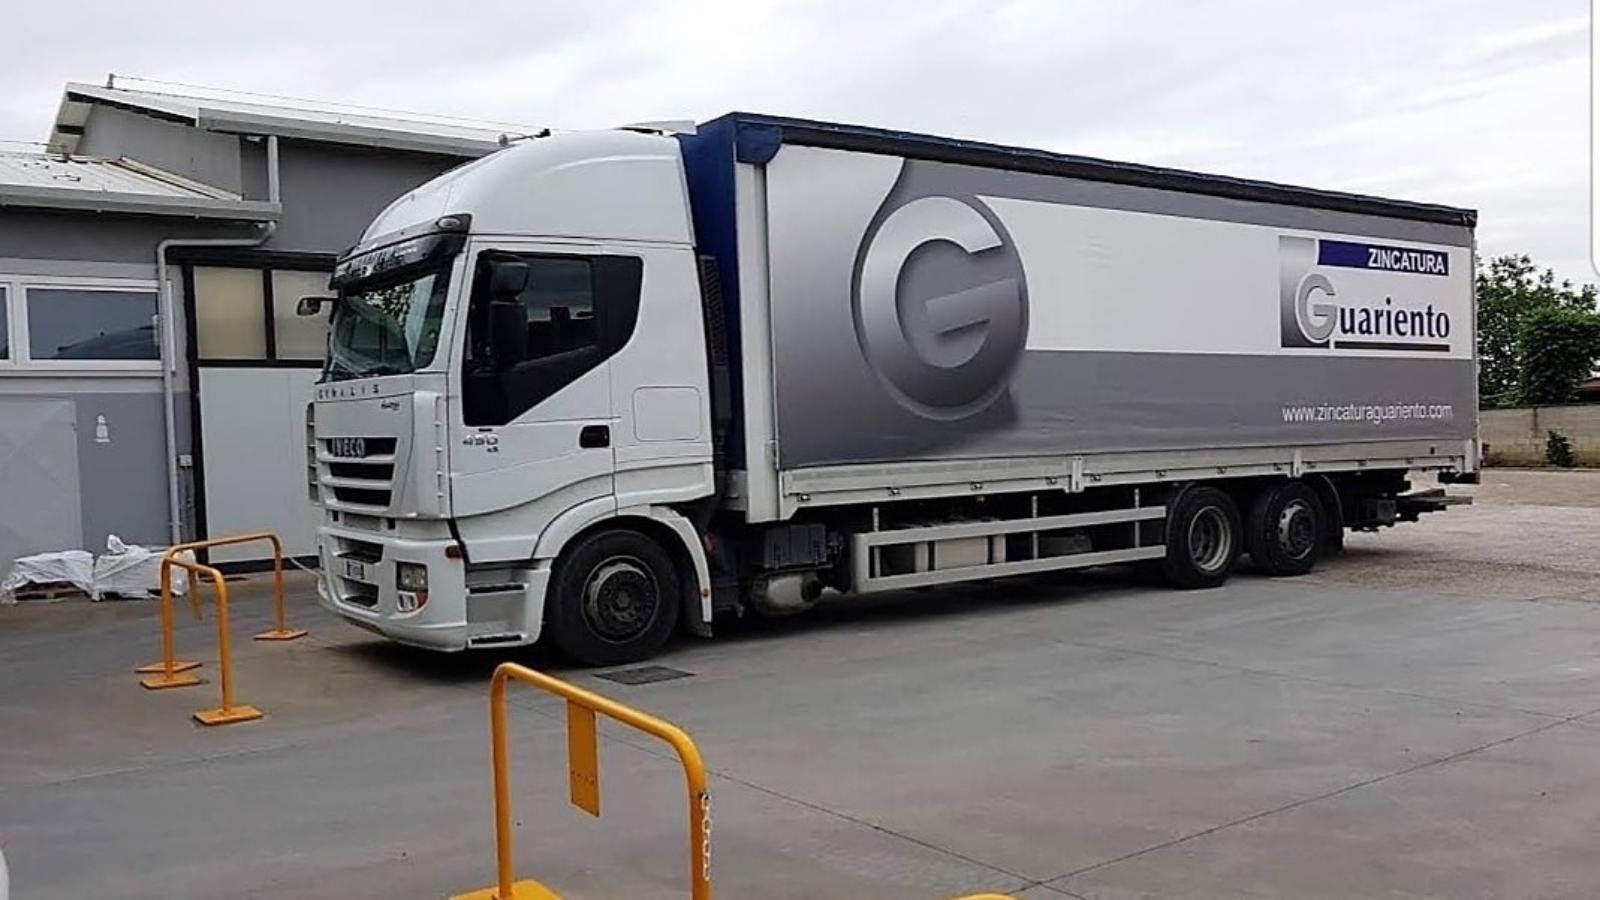 camion-guariento